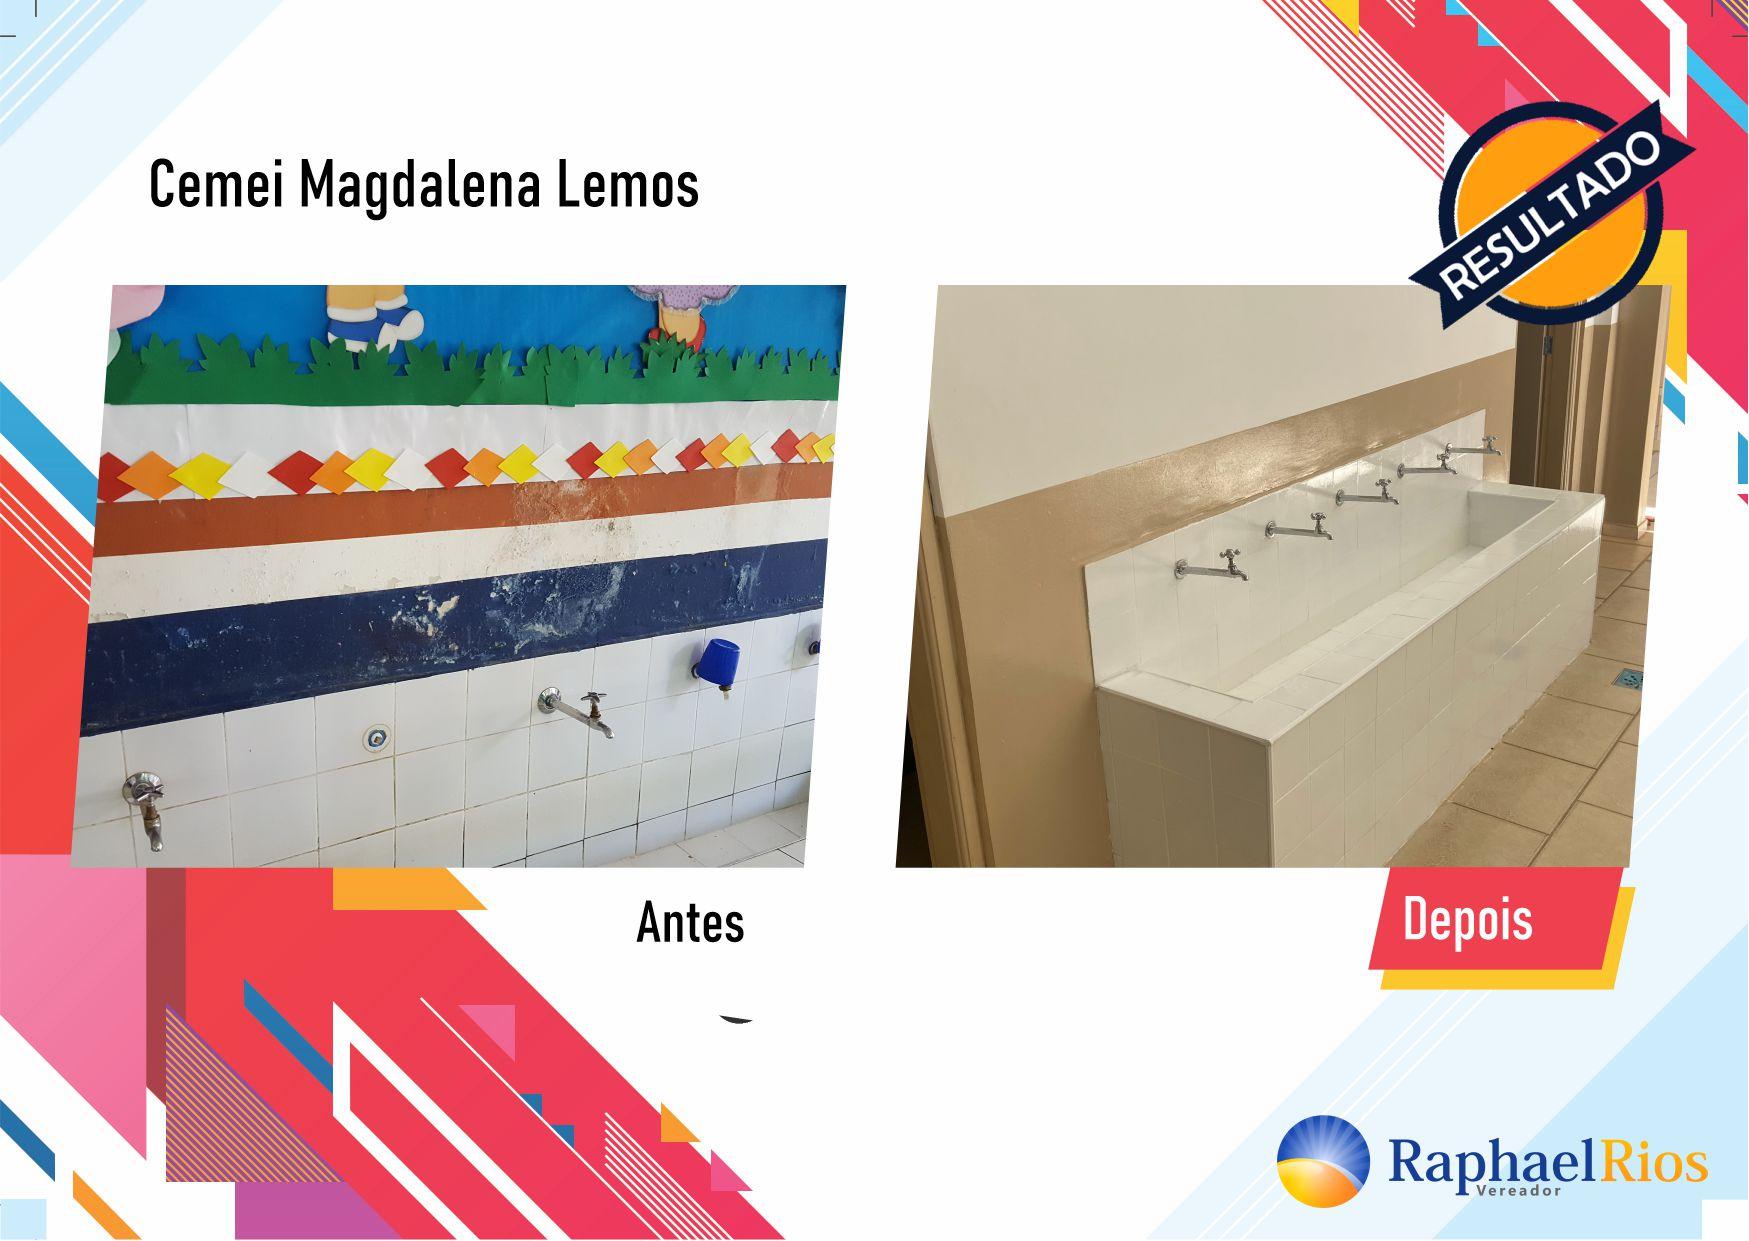 Após fiscalização, Raphael Rios confere reforma geral do Cemei Magdalena Lemos 9